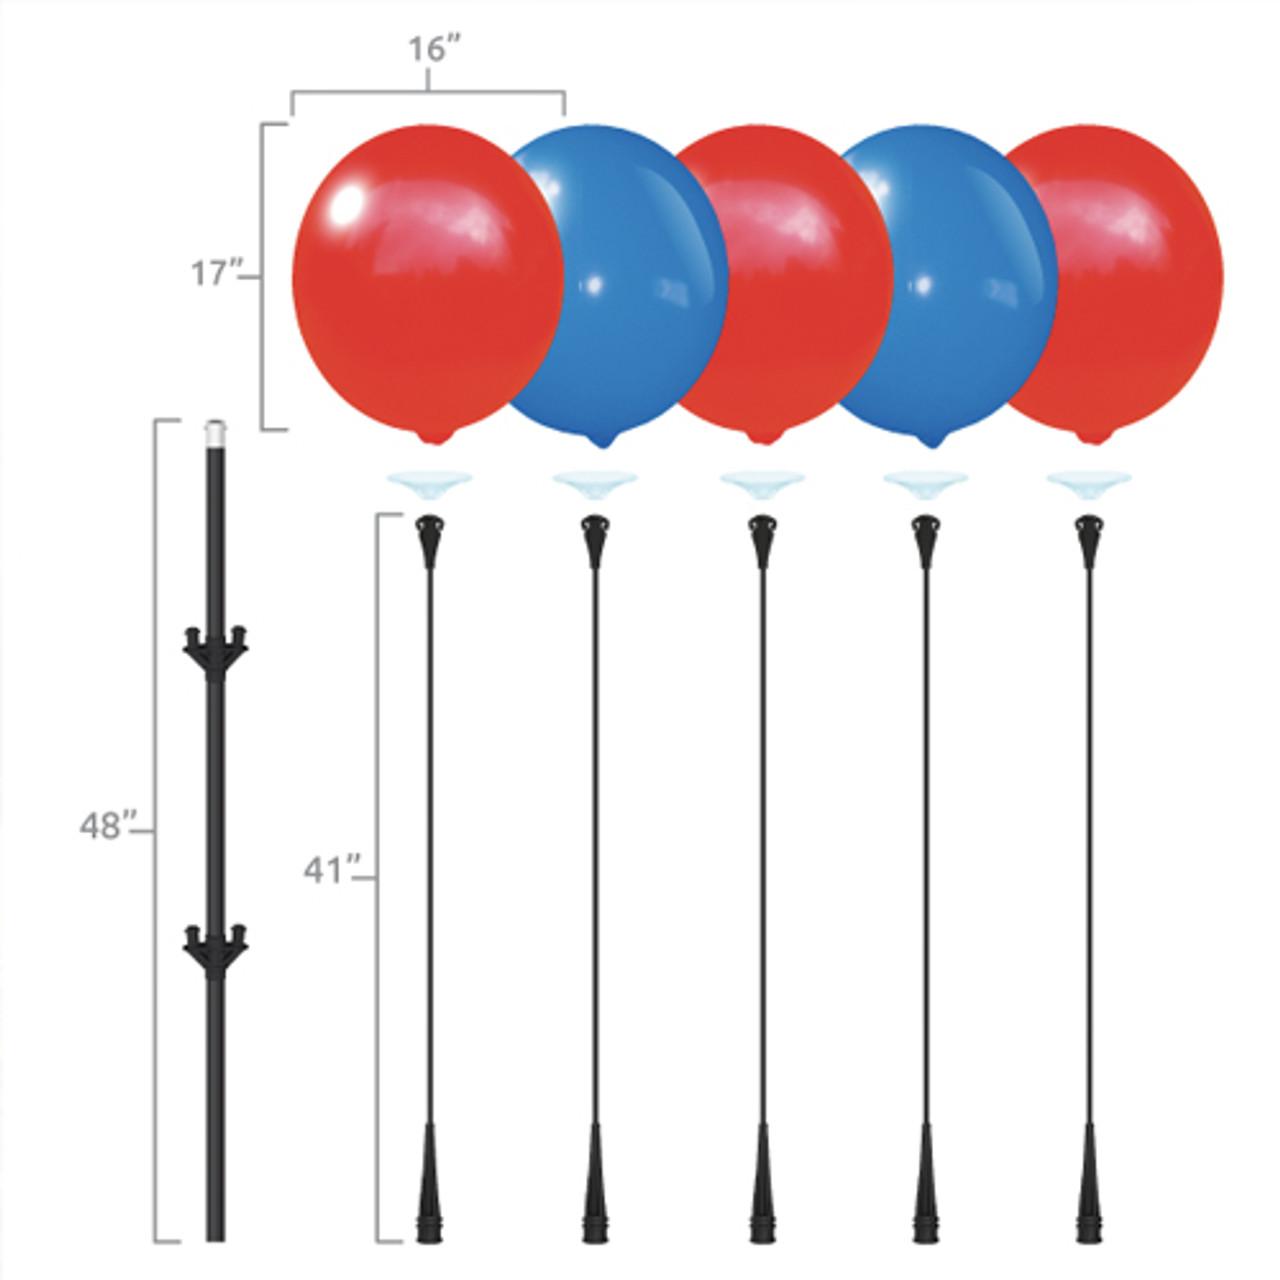 5 Reusable Balloon Cluster